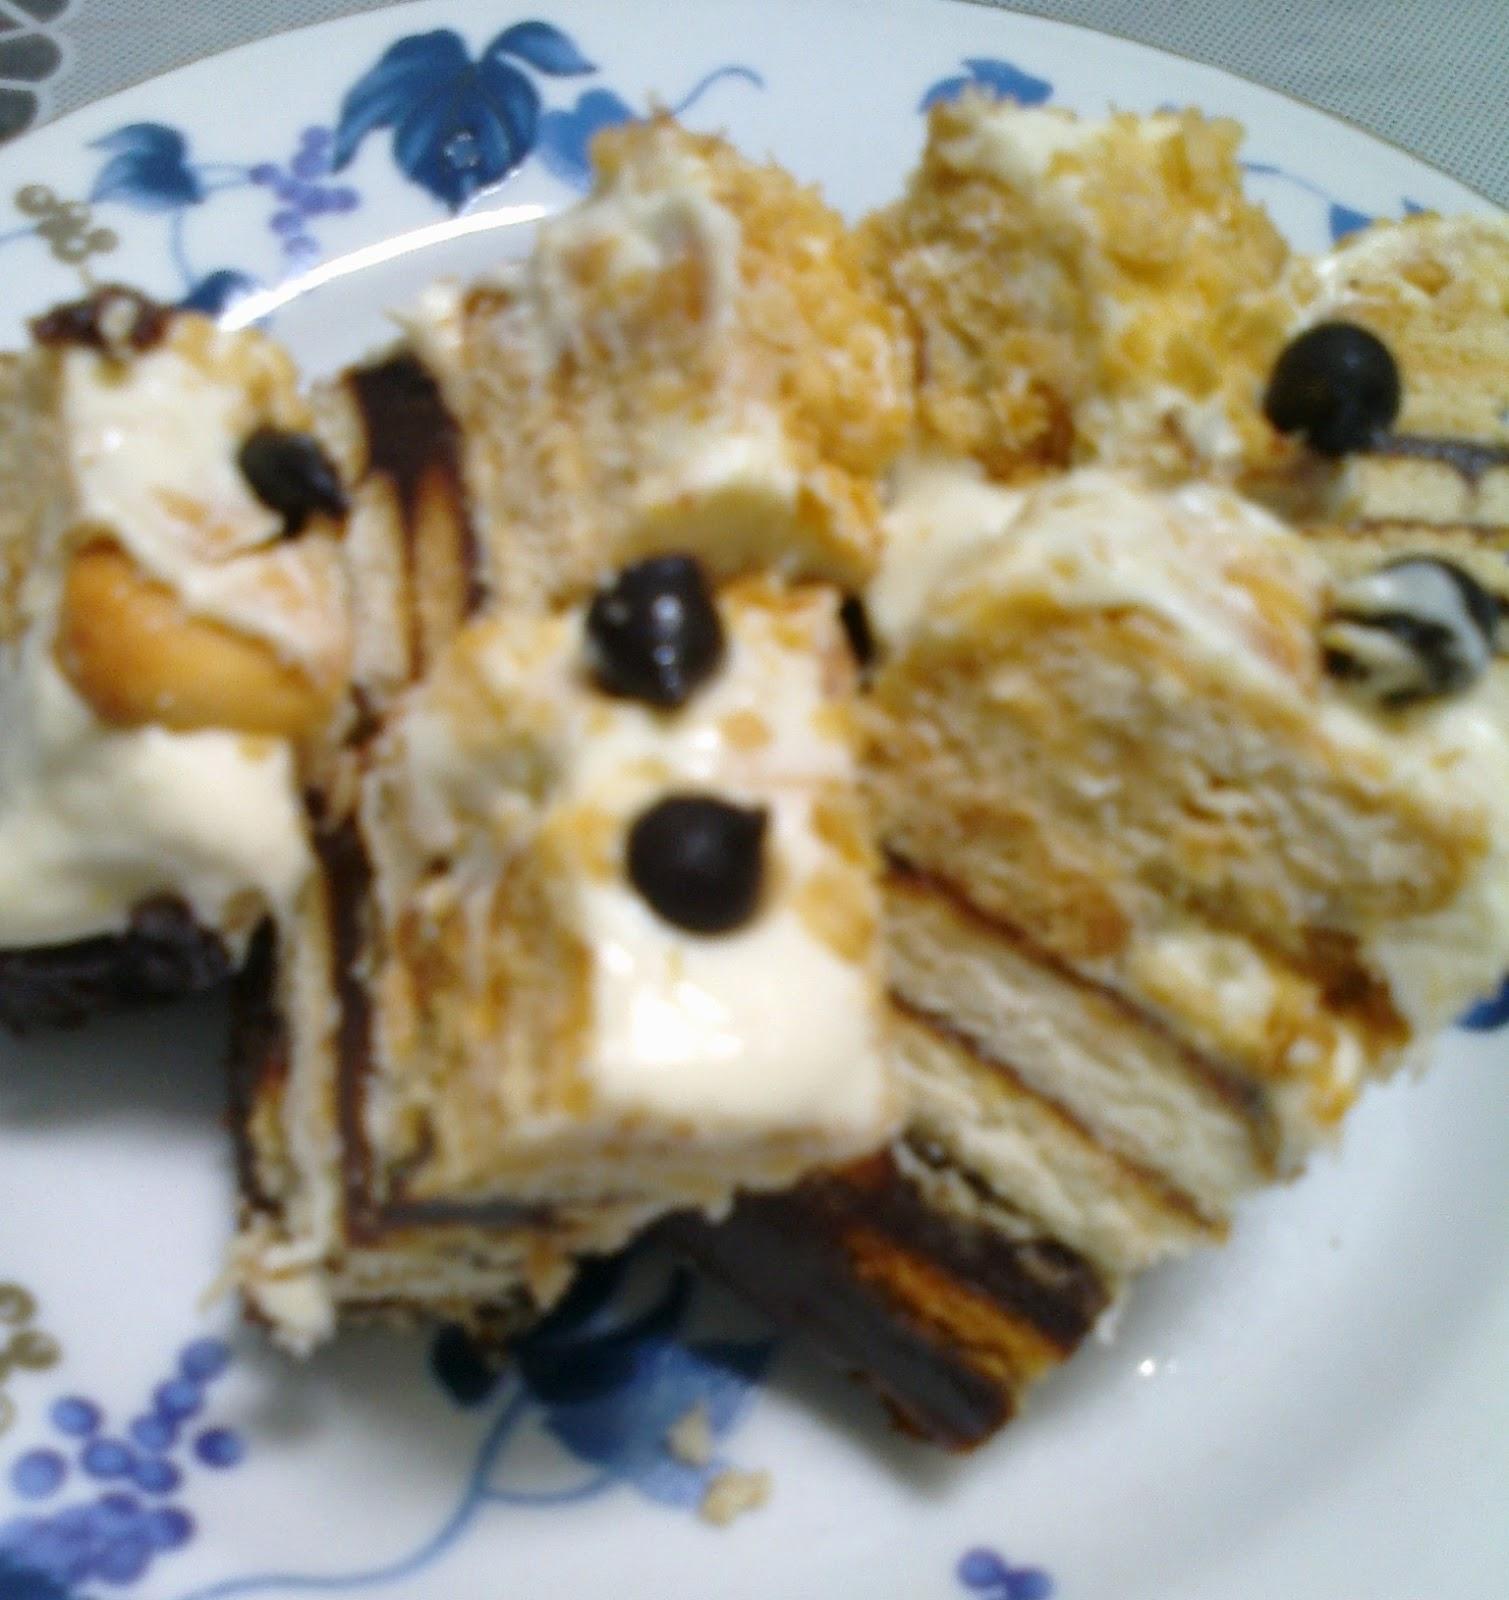 suri hidup mama: Kek Batik Lapis Cheese